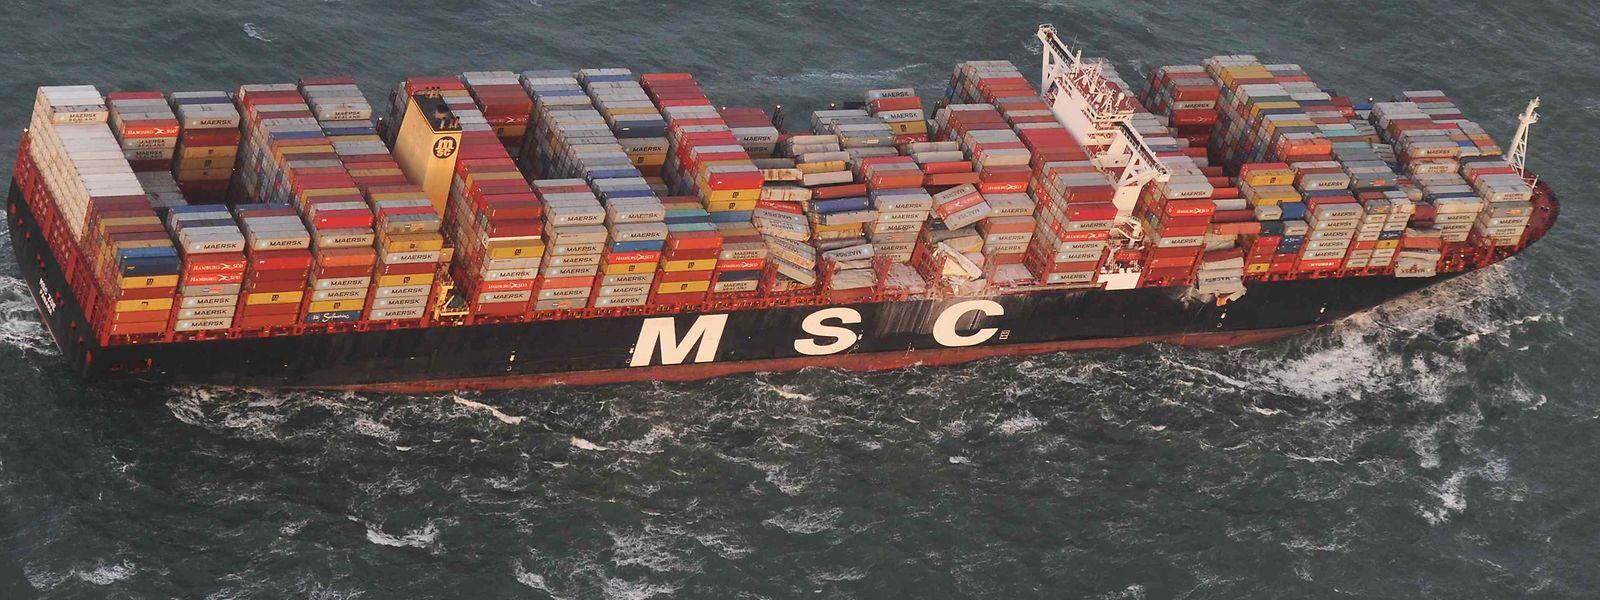 Der Schiff MSC Zoé verlor Anfang des Jahres während eines Sturms in der Nordsee mehrere hundert Container.